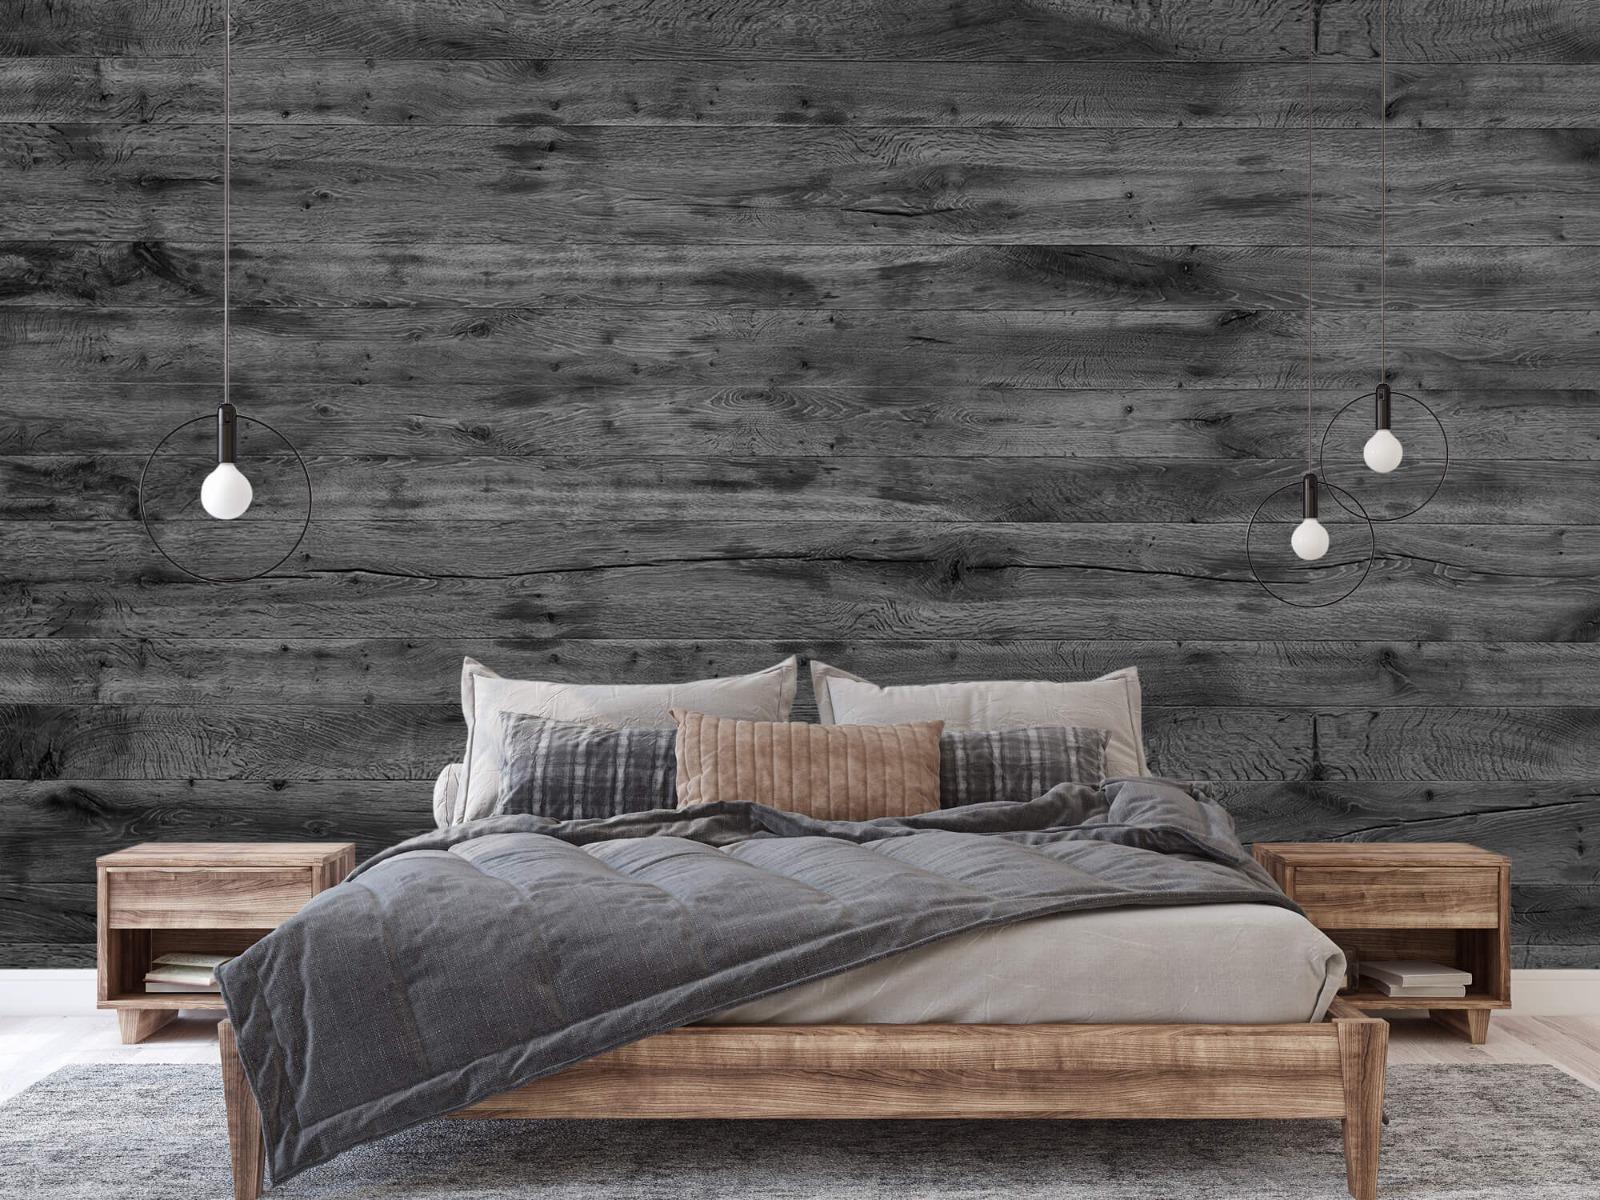 Hout behang - Grijze houten planken - Directie 4